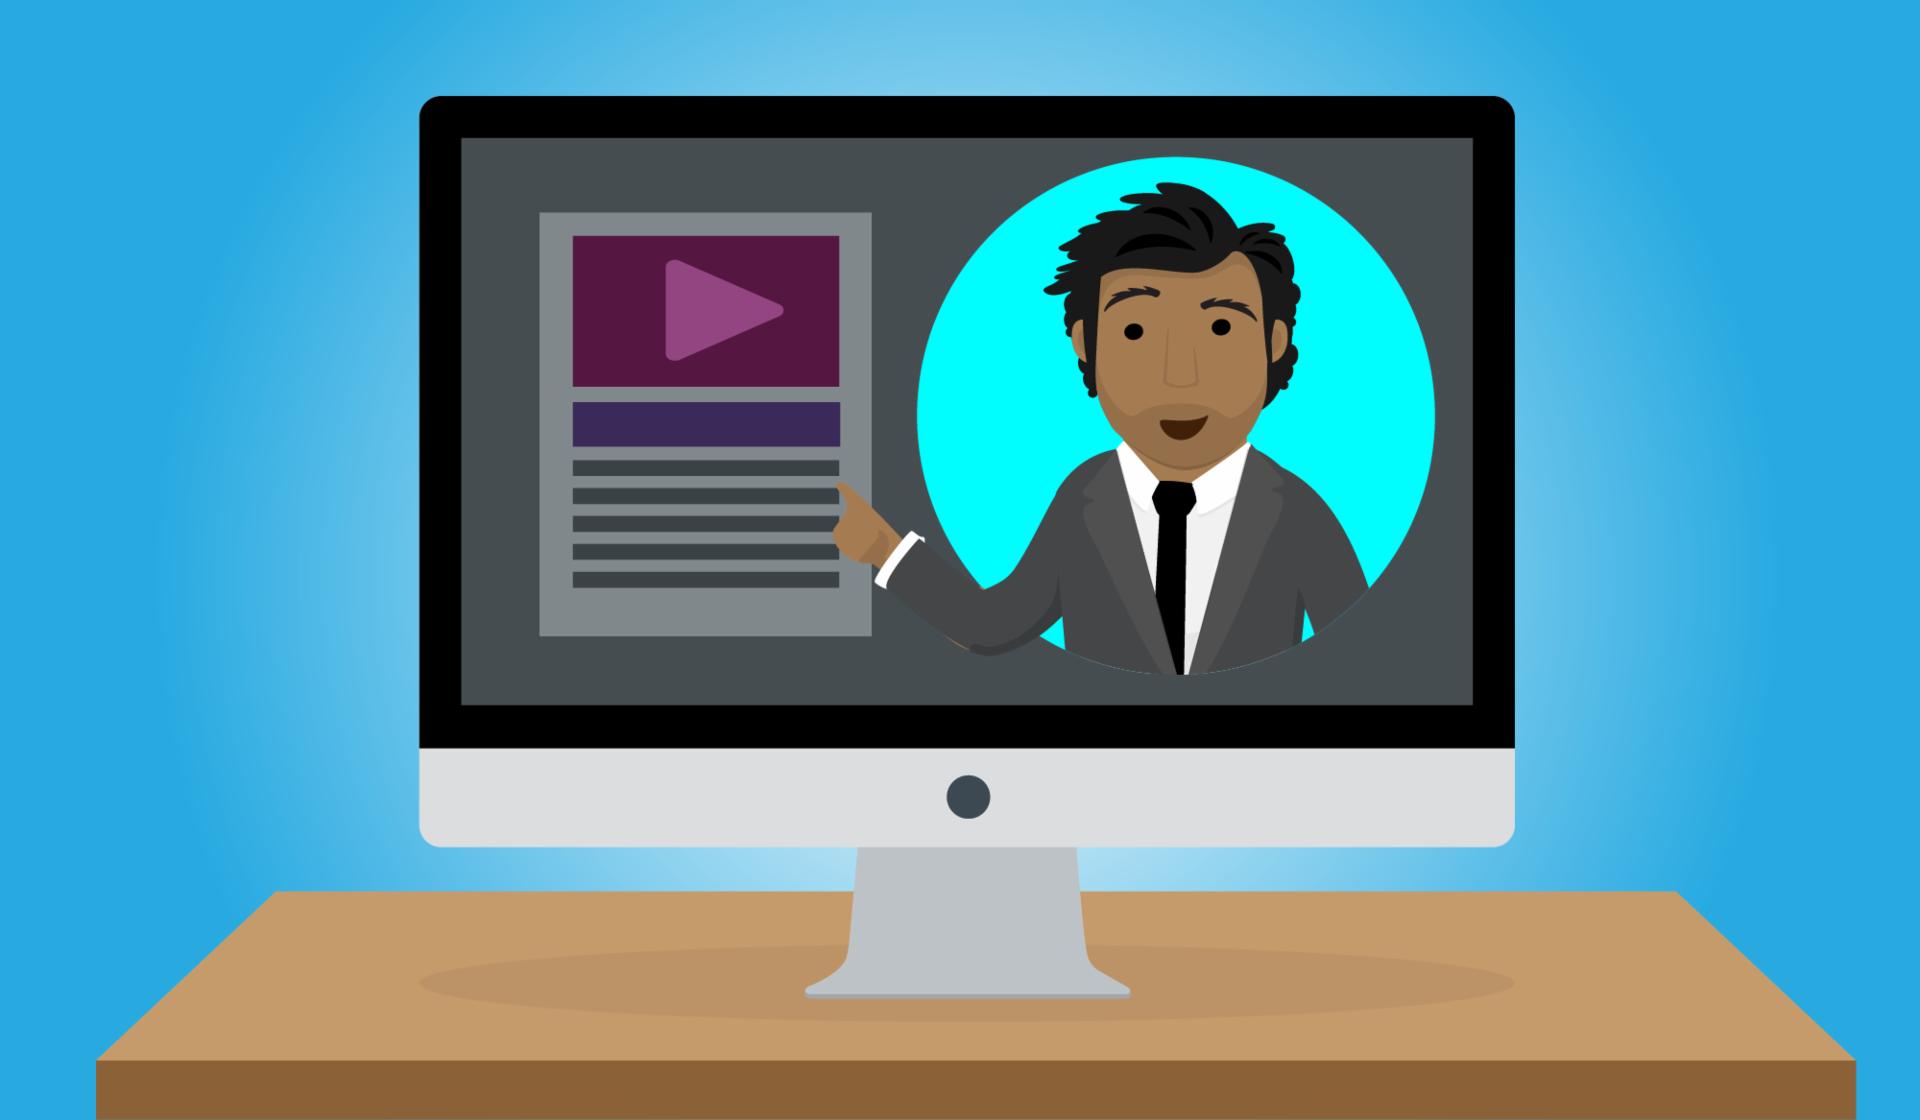 Hablar de tu experiencia en un video puede ayudar a que te destaques en una oferta laboral.